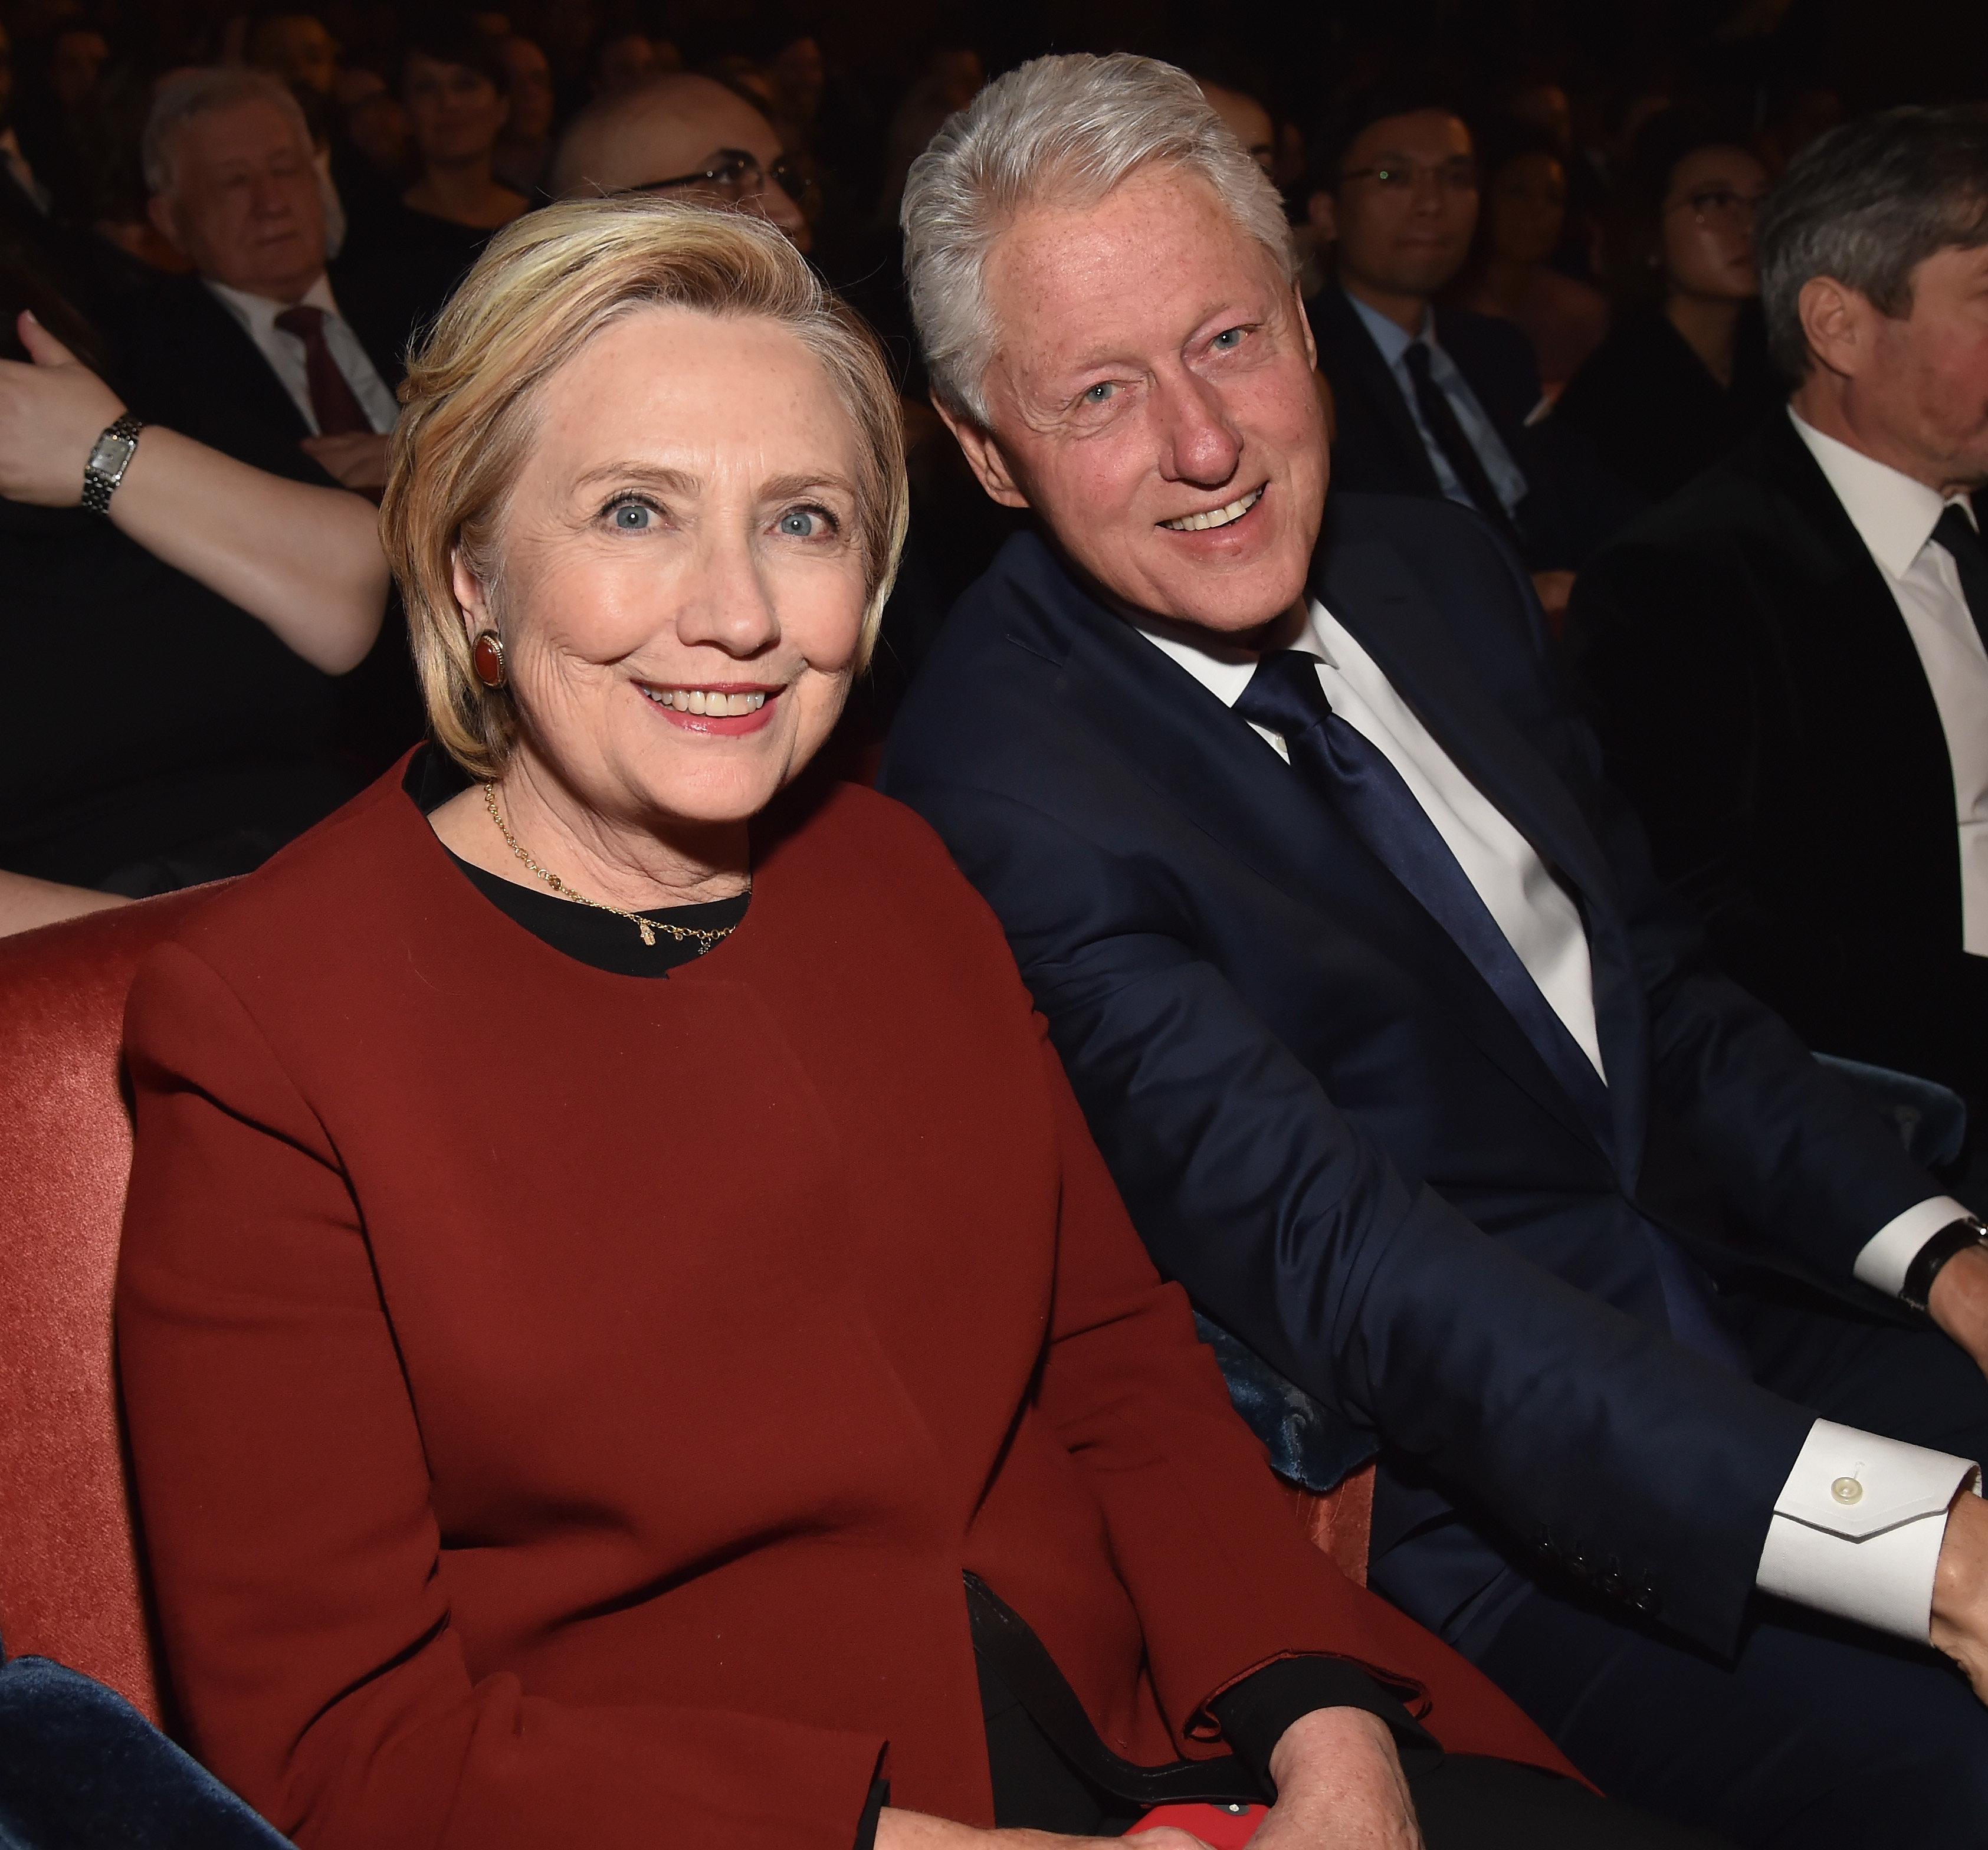 Des engins explosifs envoyés aux Clinton et à Barack Obama